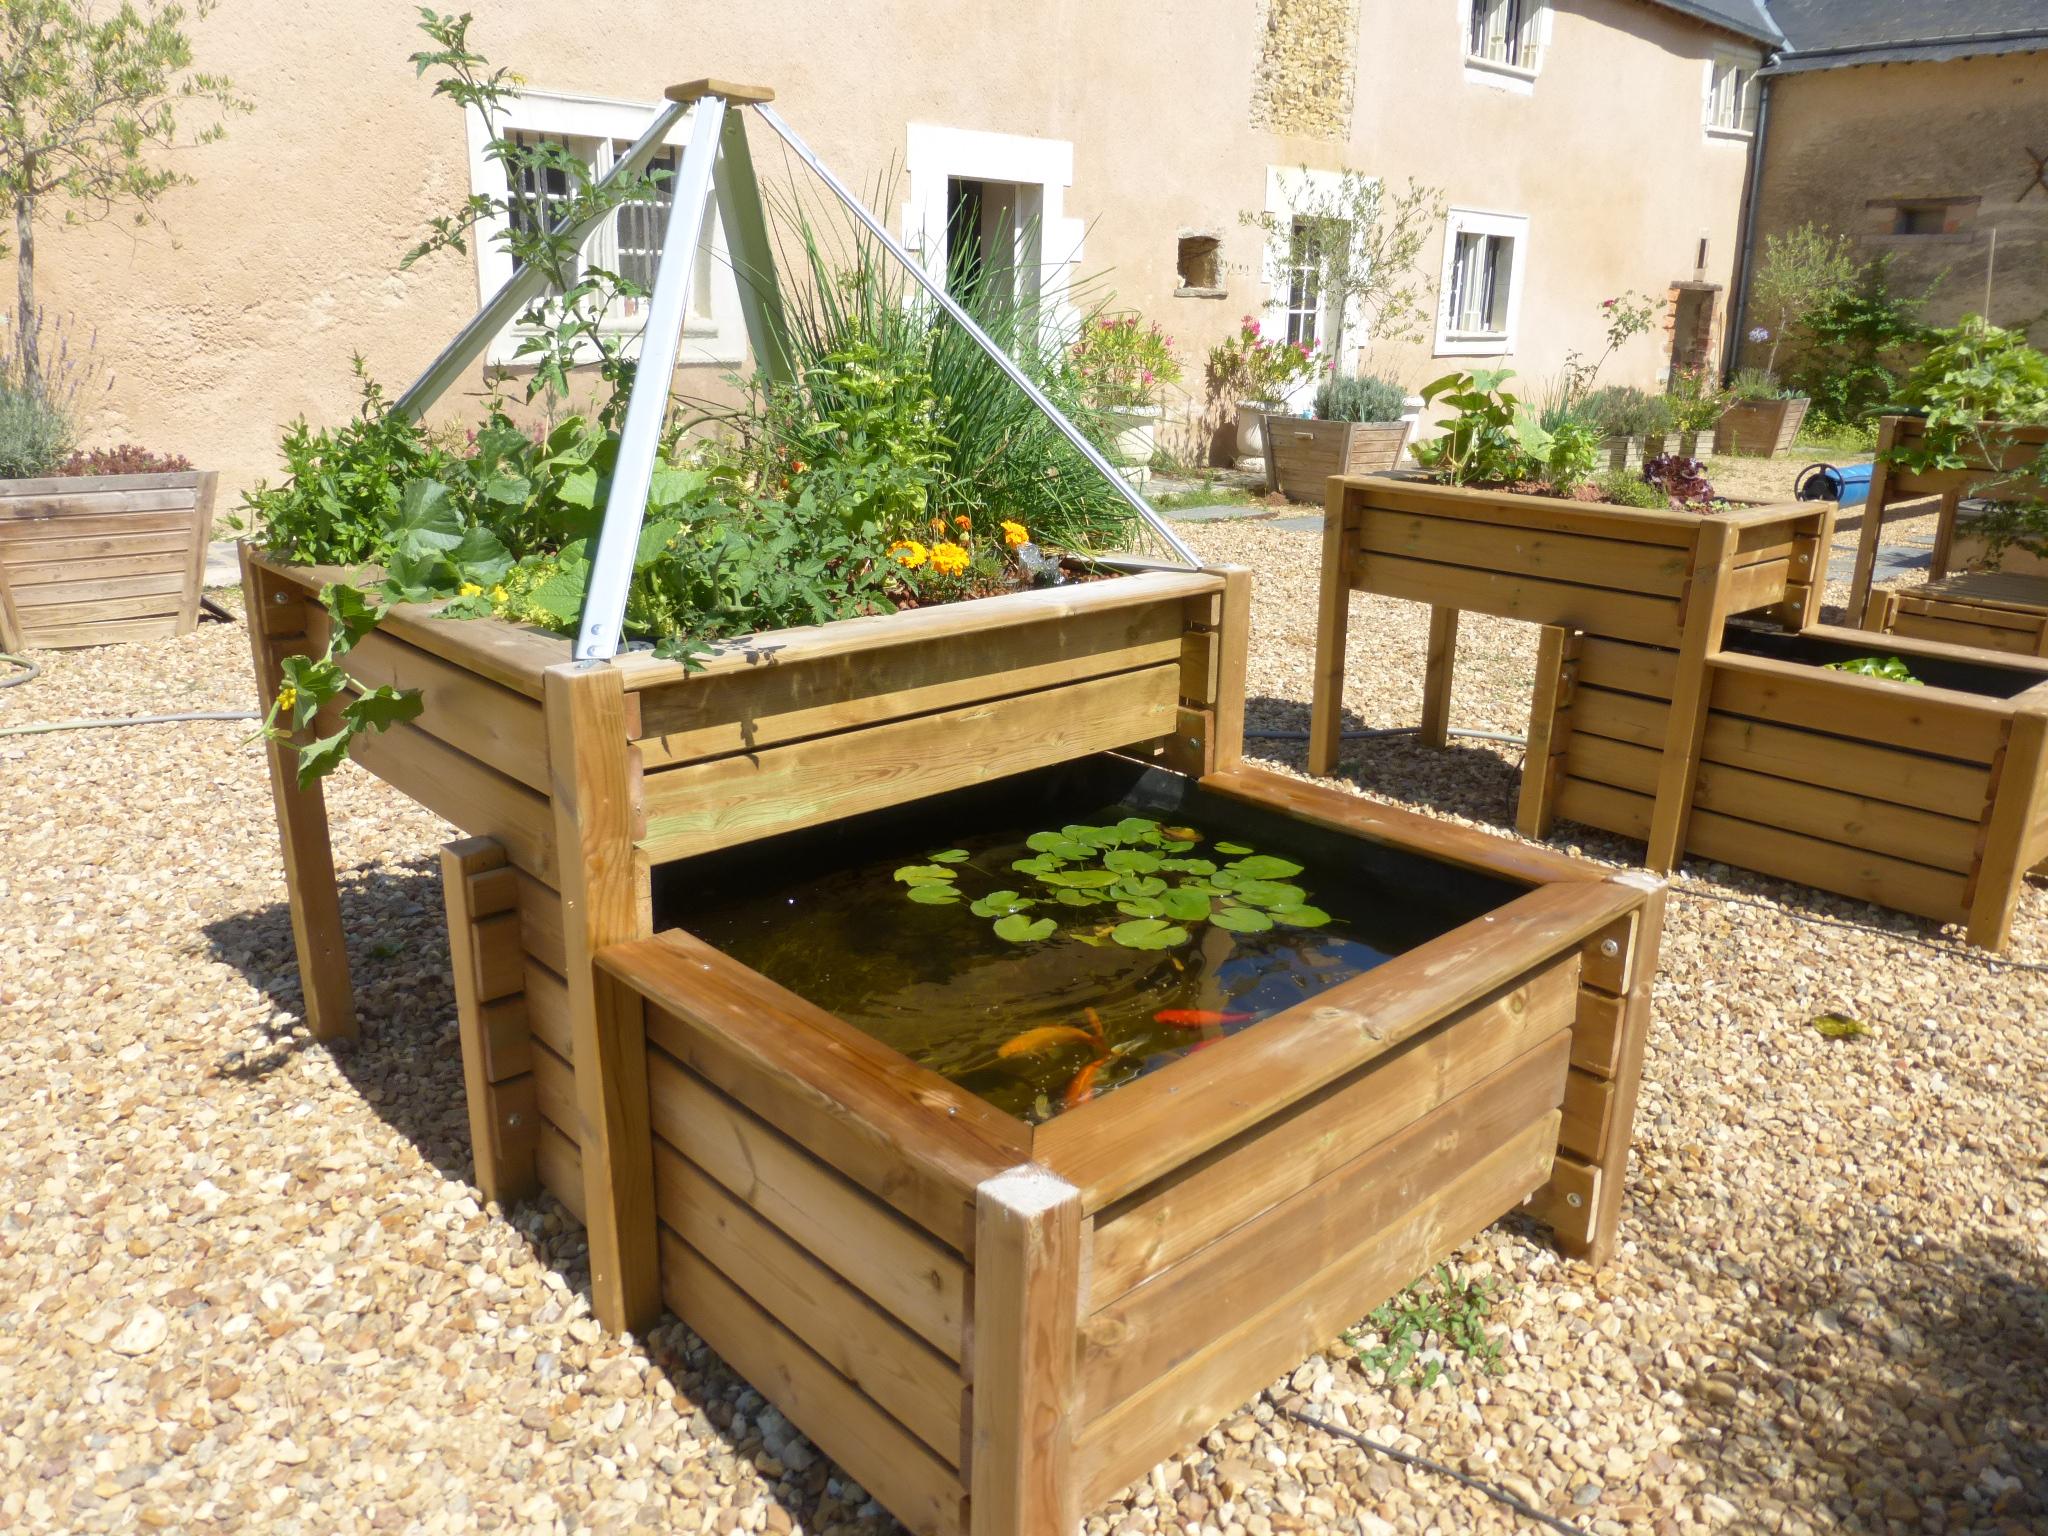 Bassin Potager Selon Le Principe De L'aquaponie - Blog Jardin pour Bassin Jardin Hors Sol